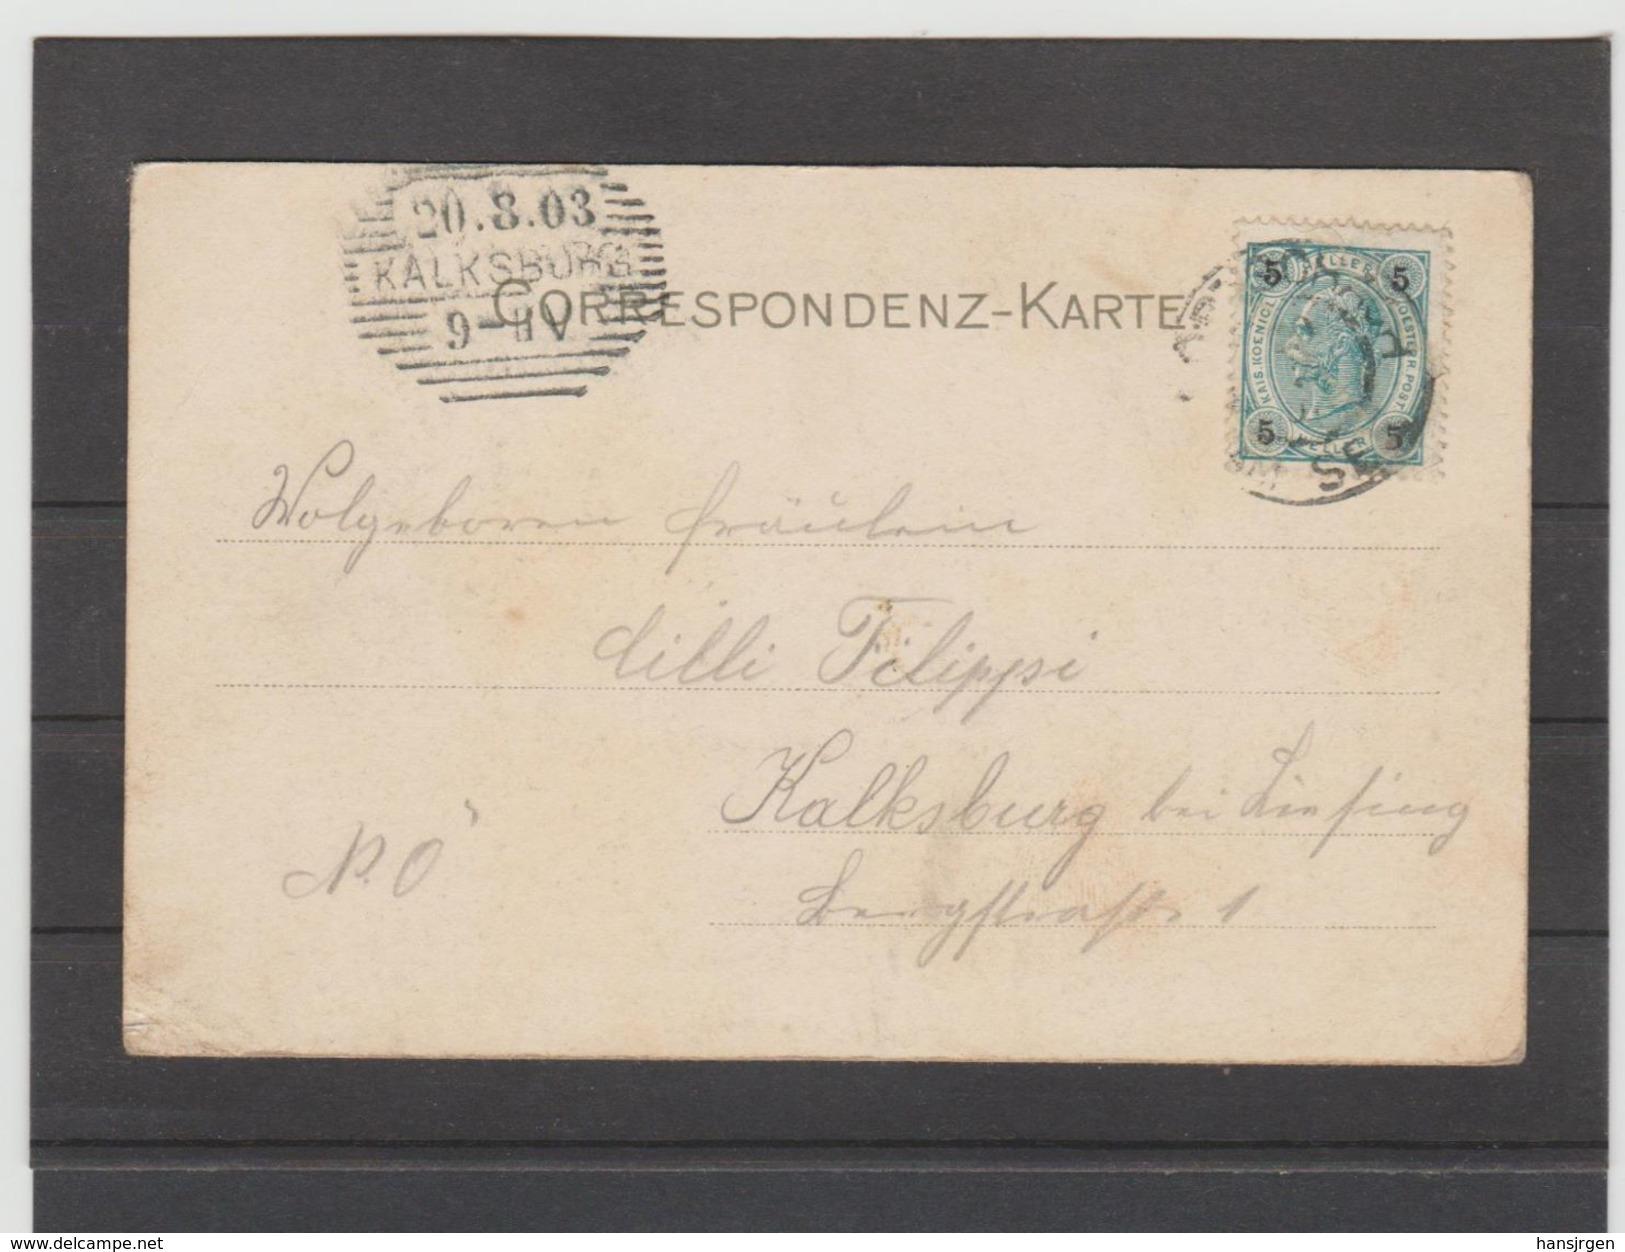 ZAK760  ALTE CORRESPONDENZKARTE JAHR 1903 AUSBLICK Von Der See-Restauration GEBRAUCHT  SIEHE ABBILDUNG - Pörtschach